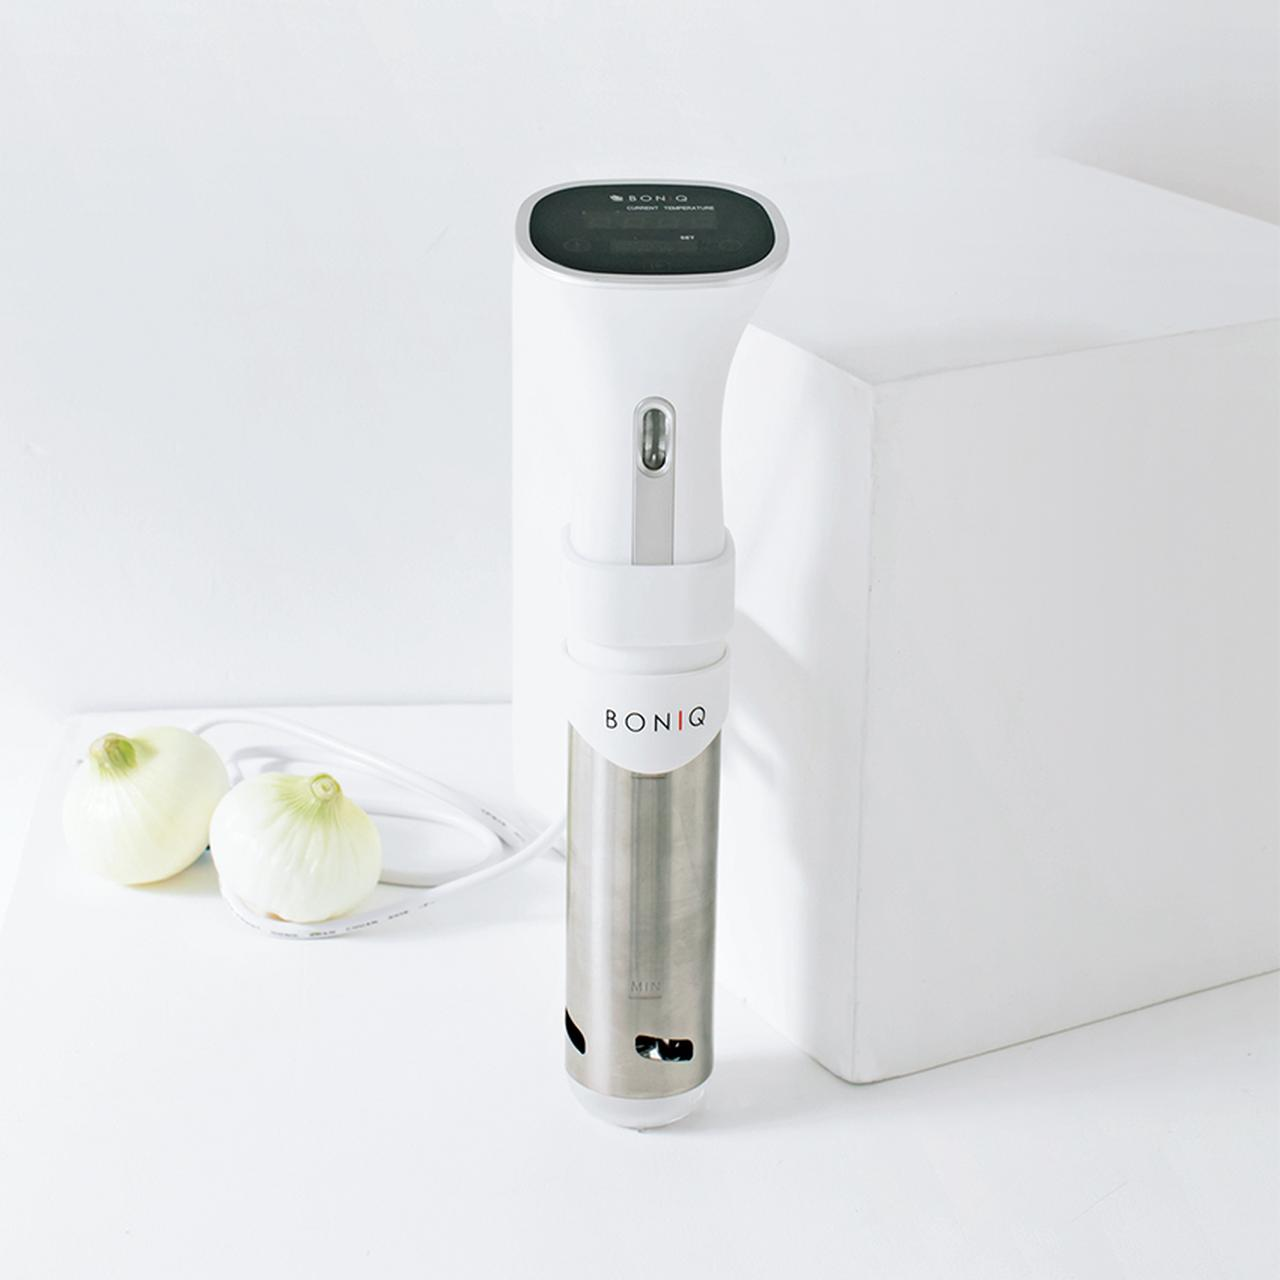 BONIQの低温調理器